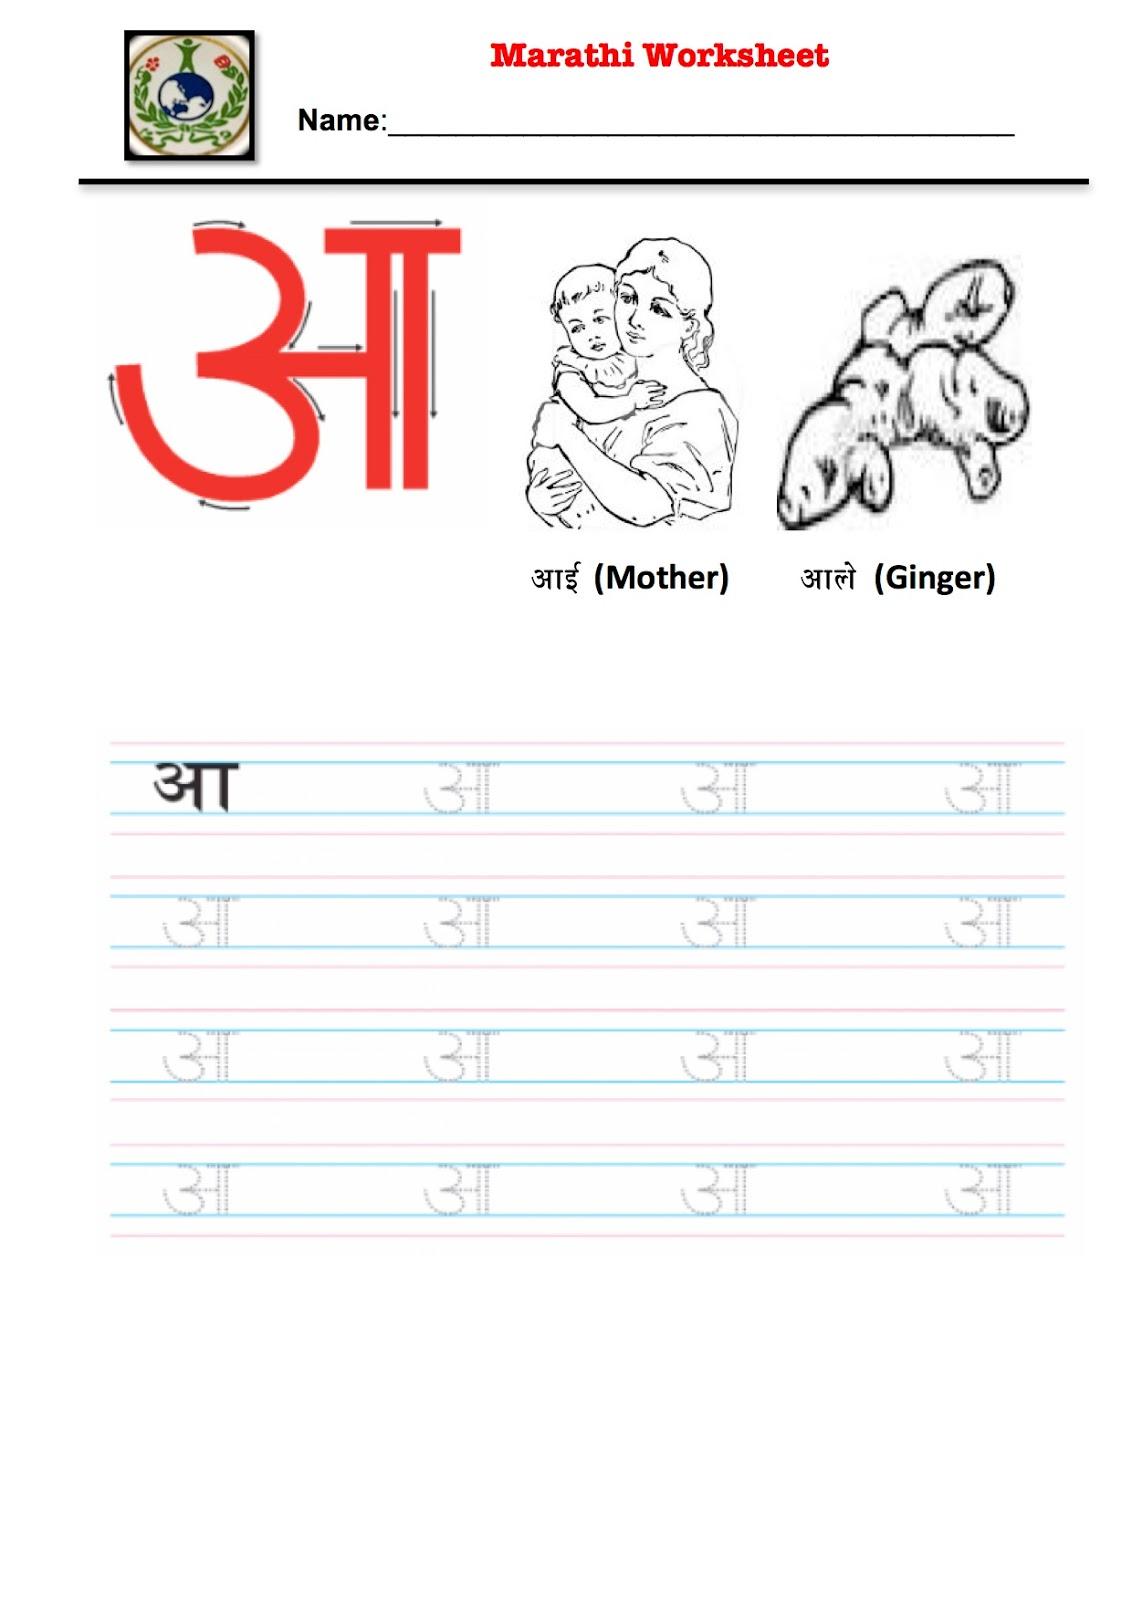 Marathi Worksheets